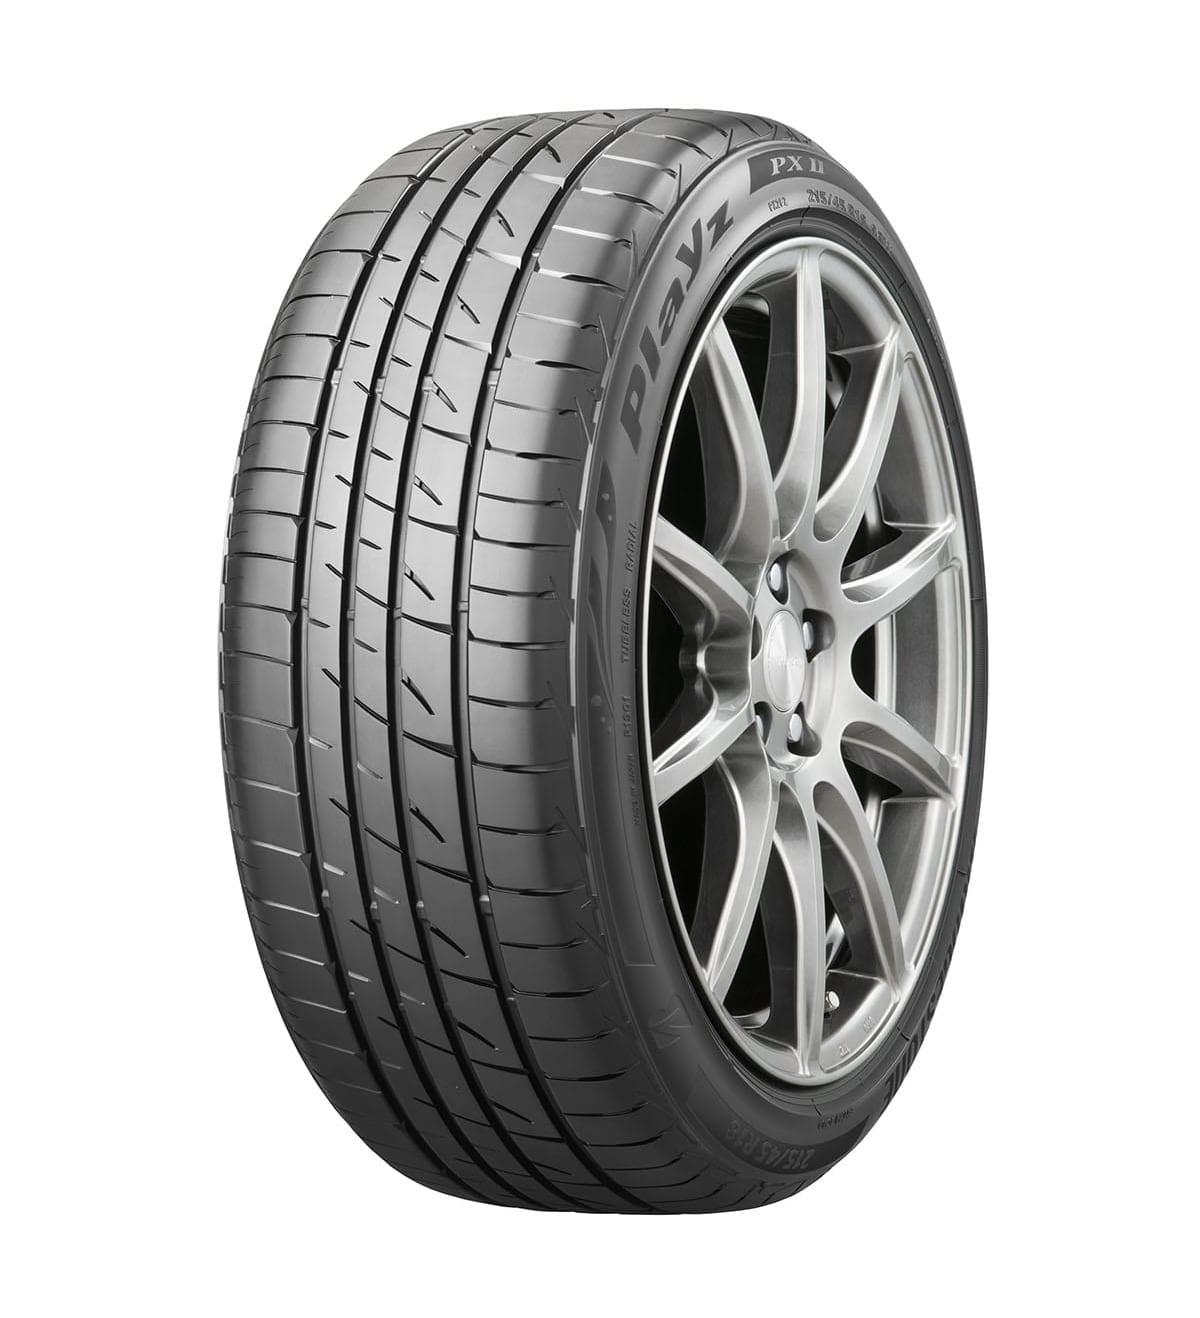 雨に強いタイヤって安心できるし疲れないよね! ブリヂストン・プレイズの最新タイヤ|リプレイスタイヤ